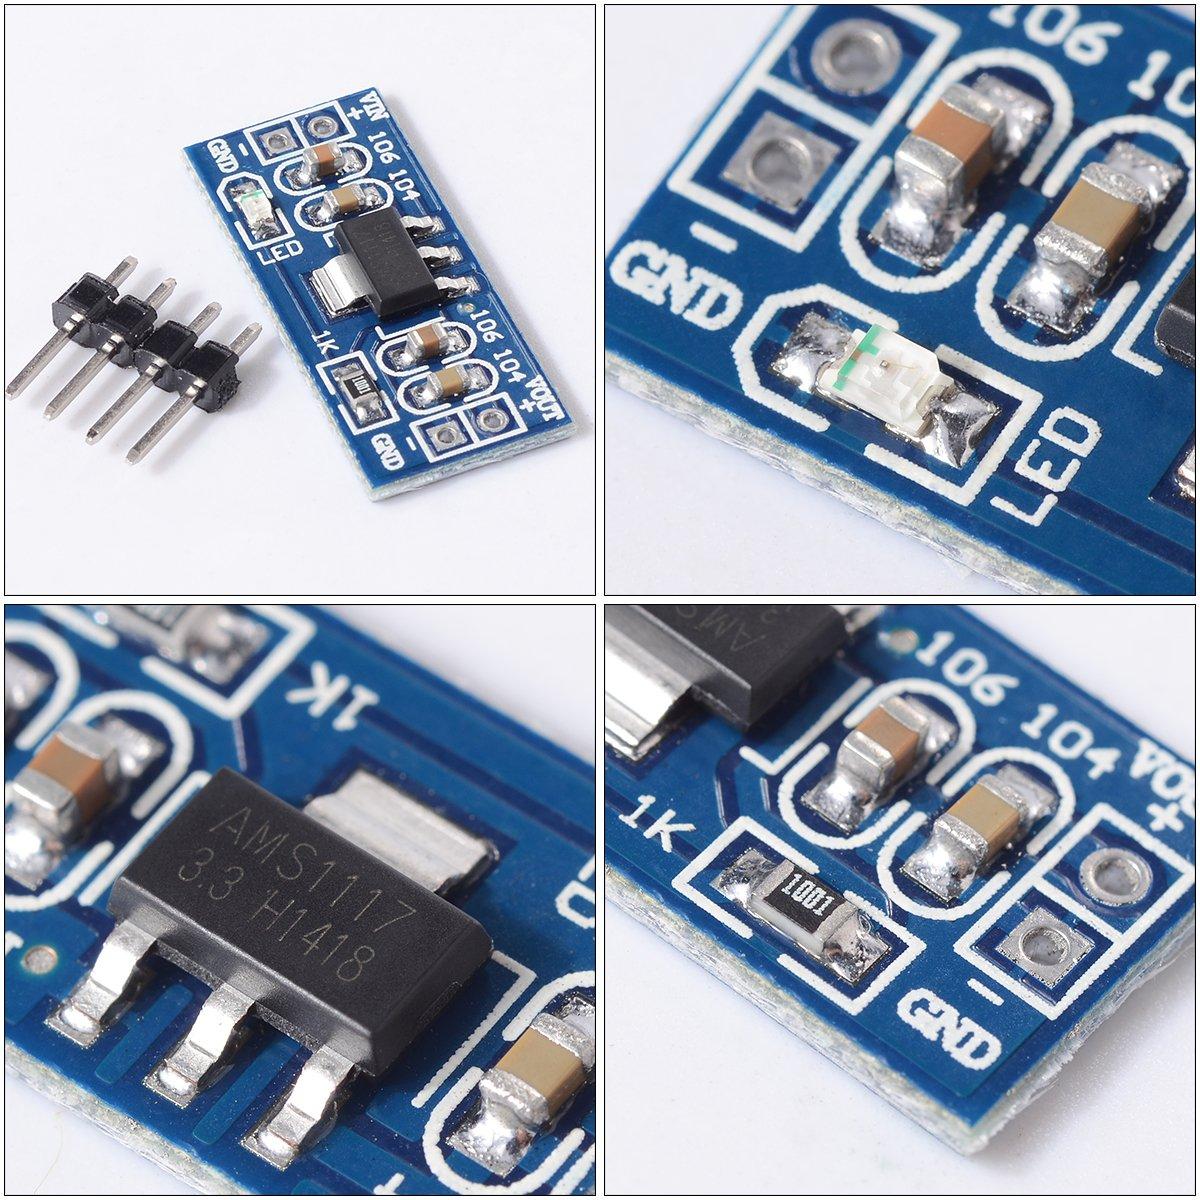 10x DC DC 4.5-7V /à 3.3V AMS1117-3.3V Convertisseur abaisseur R/égulateur de tension dalimentation Module de capteur buck bloc dalimentation